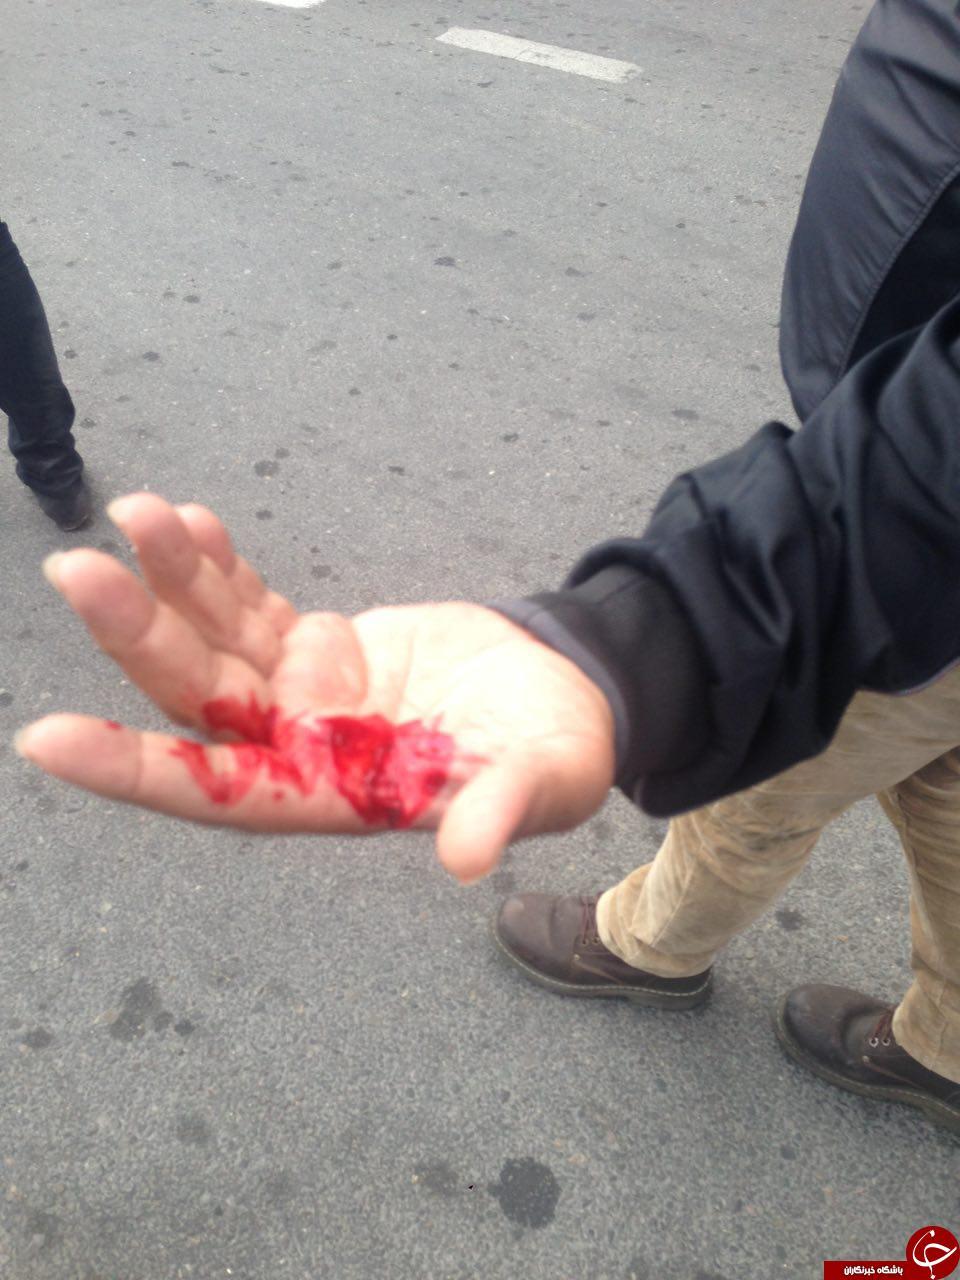 راننده خشن پلیس و تاکسیرانان را مجروح کرد/ کی دعوا بر سر یک لقمه نان تمام میشود؟+ فیلم و تصاویر